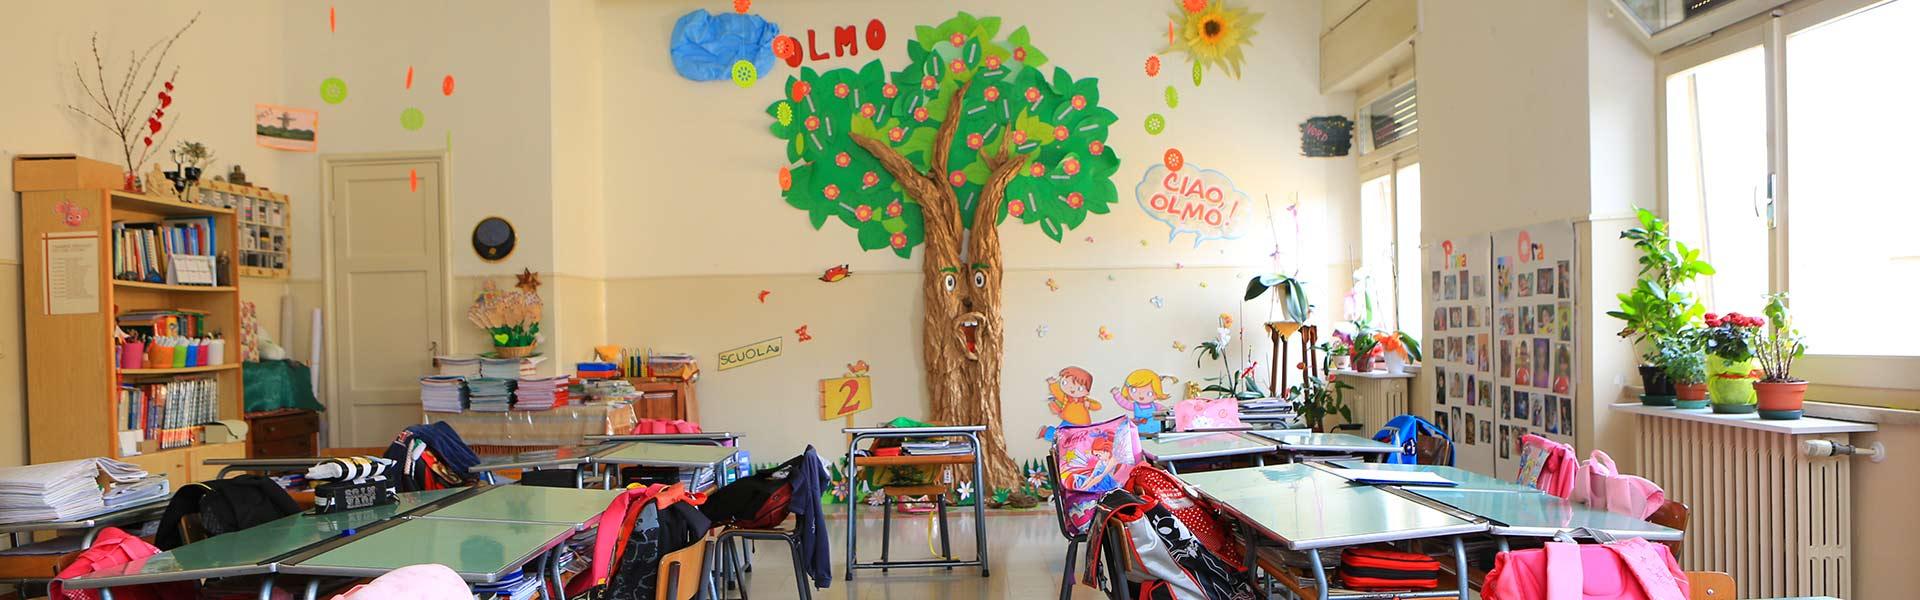 servizi di scuola, pre-scuola, mensa, post-scuola pesaro